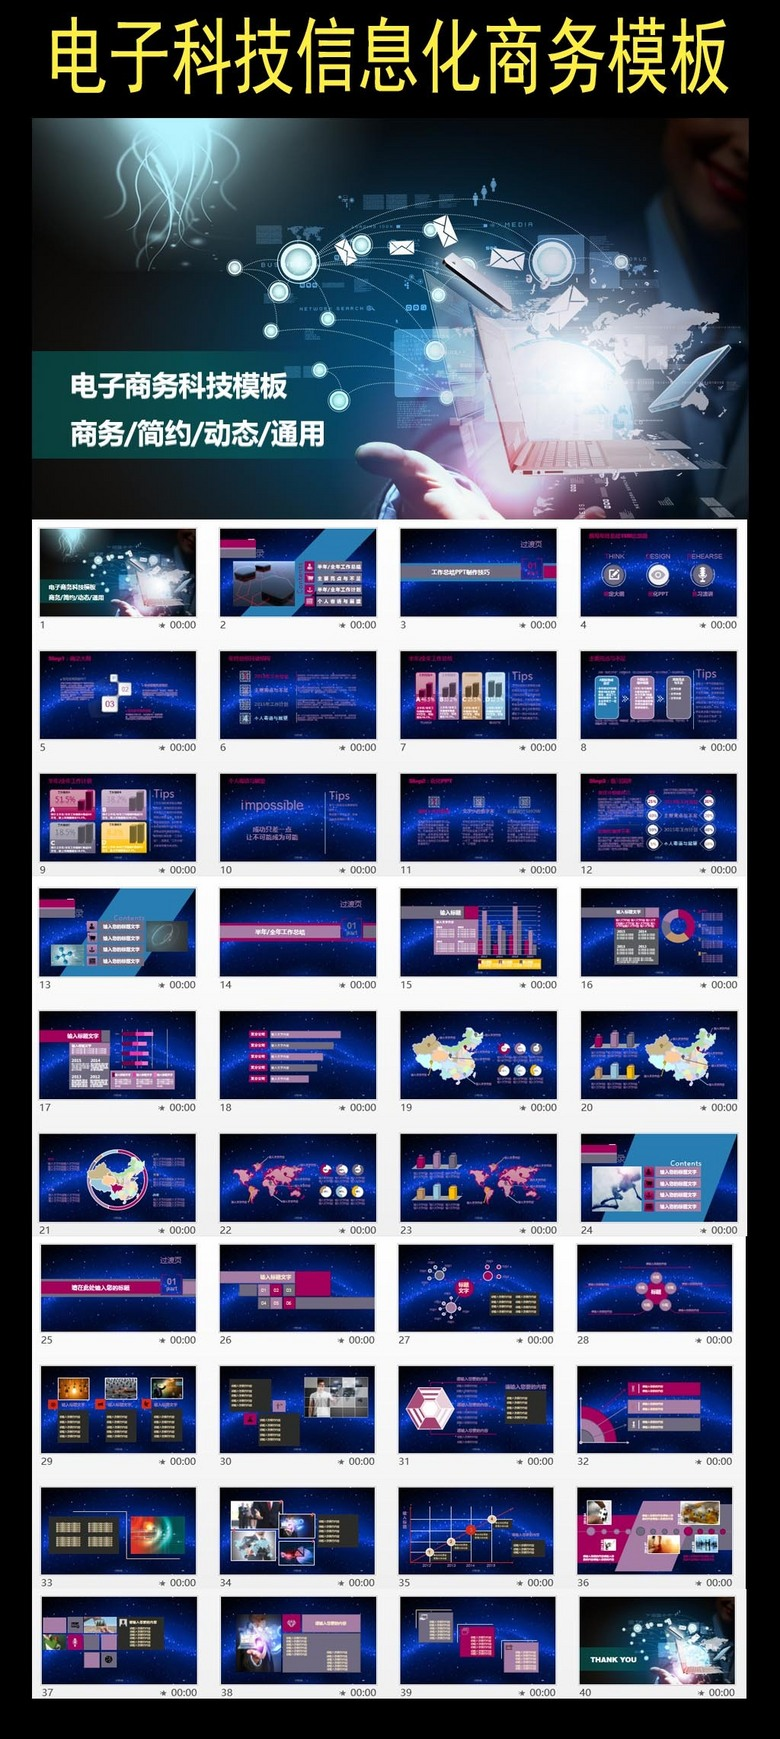 科技商务信息化触摸屏PPT模板下载 10.11MB 商务PPT大全 商务通用